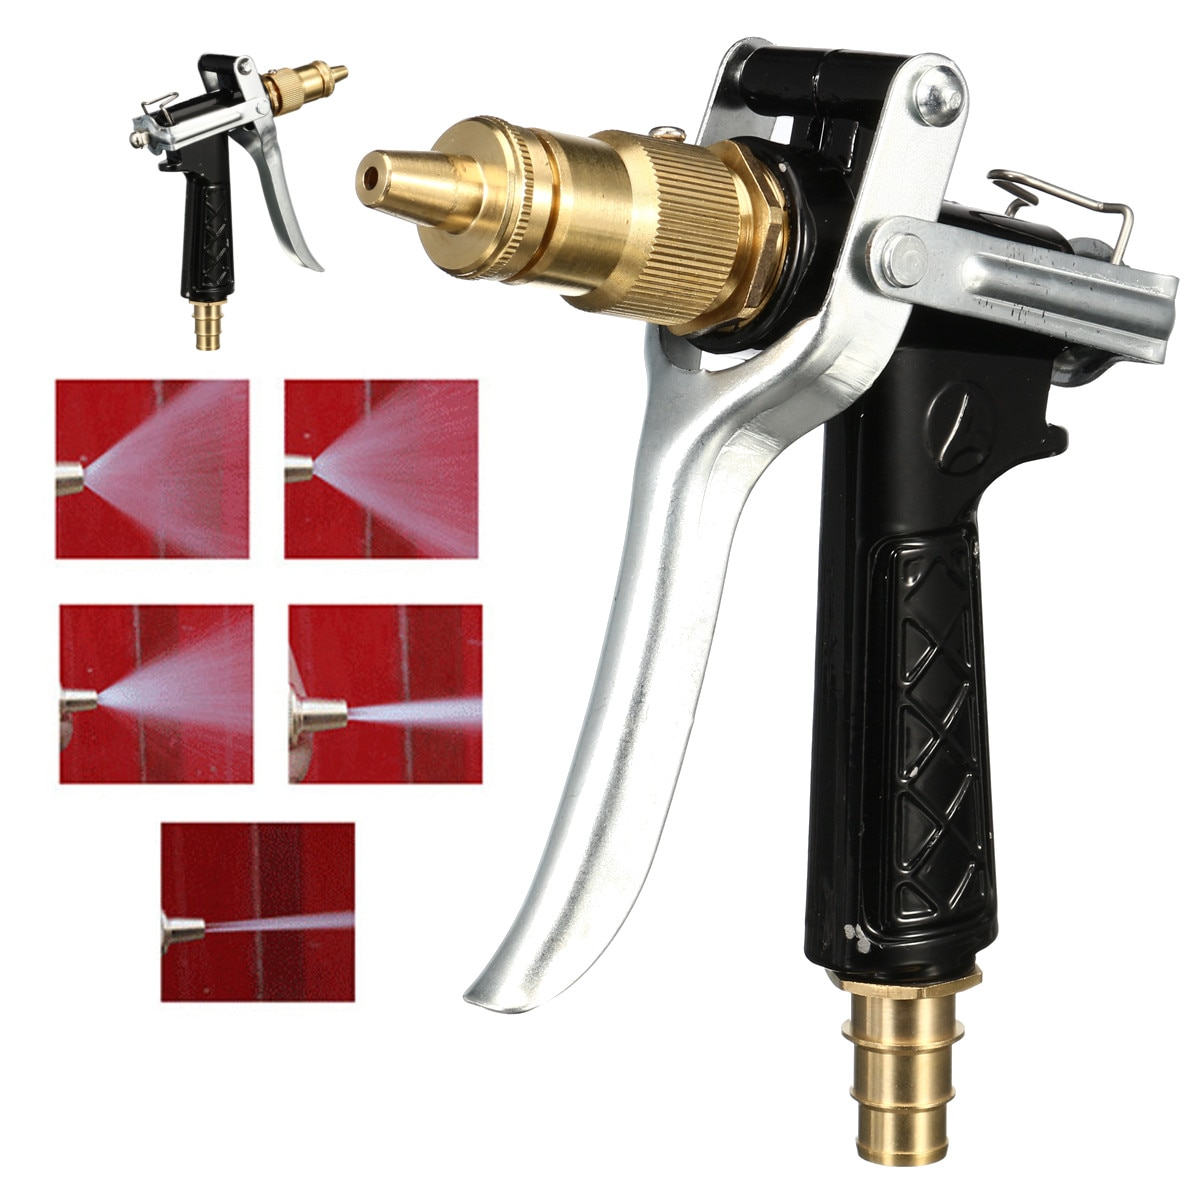 Alta presión para el hogar del coche limpiador de lavado de jardín pistola de agua rociadora boquilla de manguera pistolas de lavado de coche